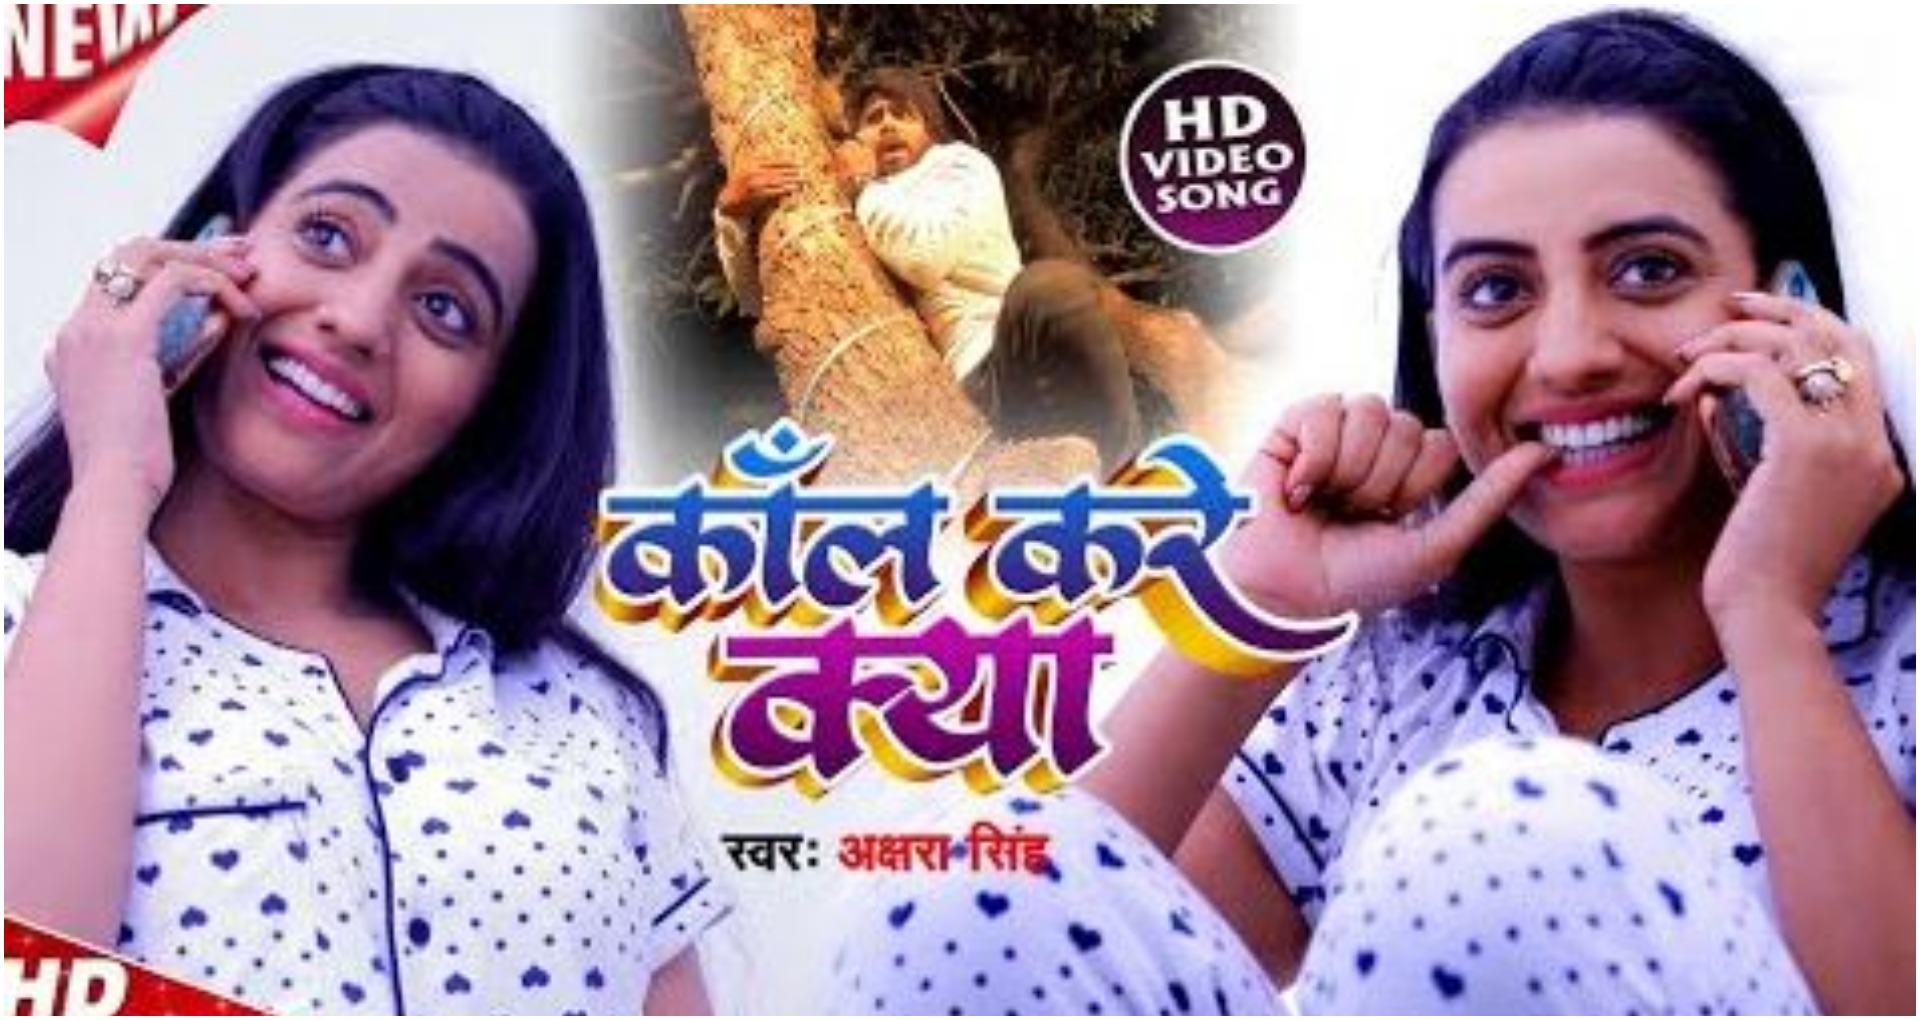 Akshara Singh Video Song: अक्षरा सिंह के गाने कॉल करें क्या ने रिलीज होते ही यूट्यूब मचाया धमाल